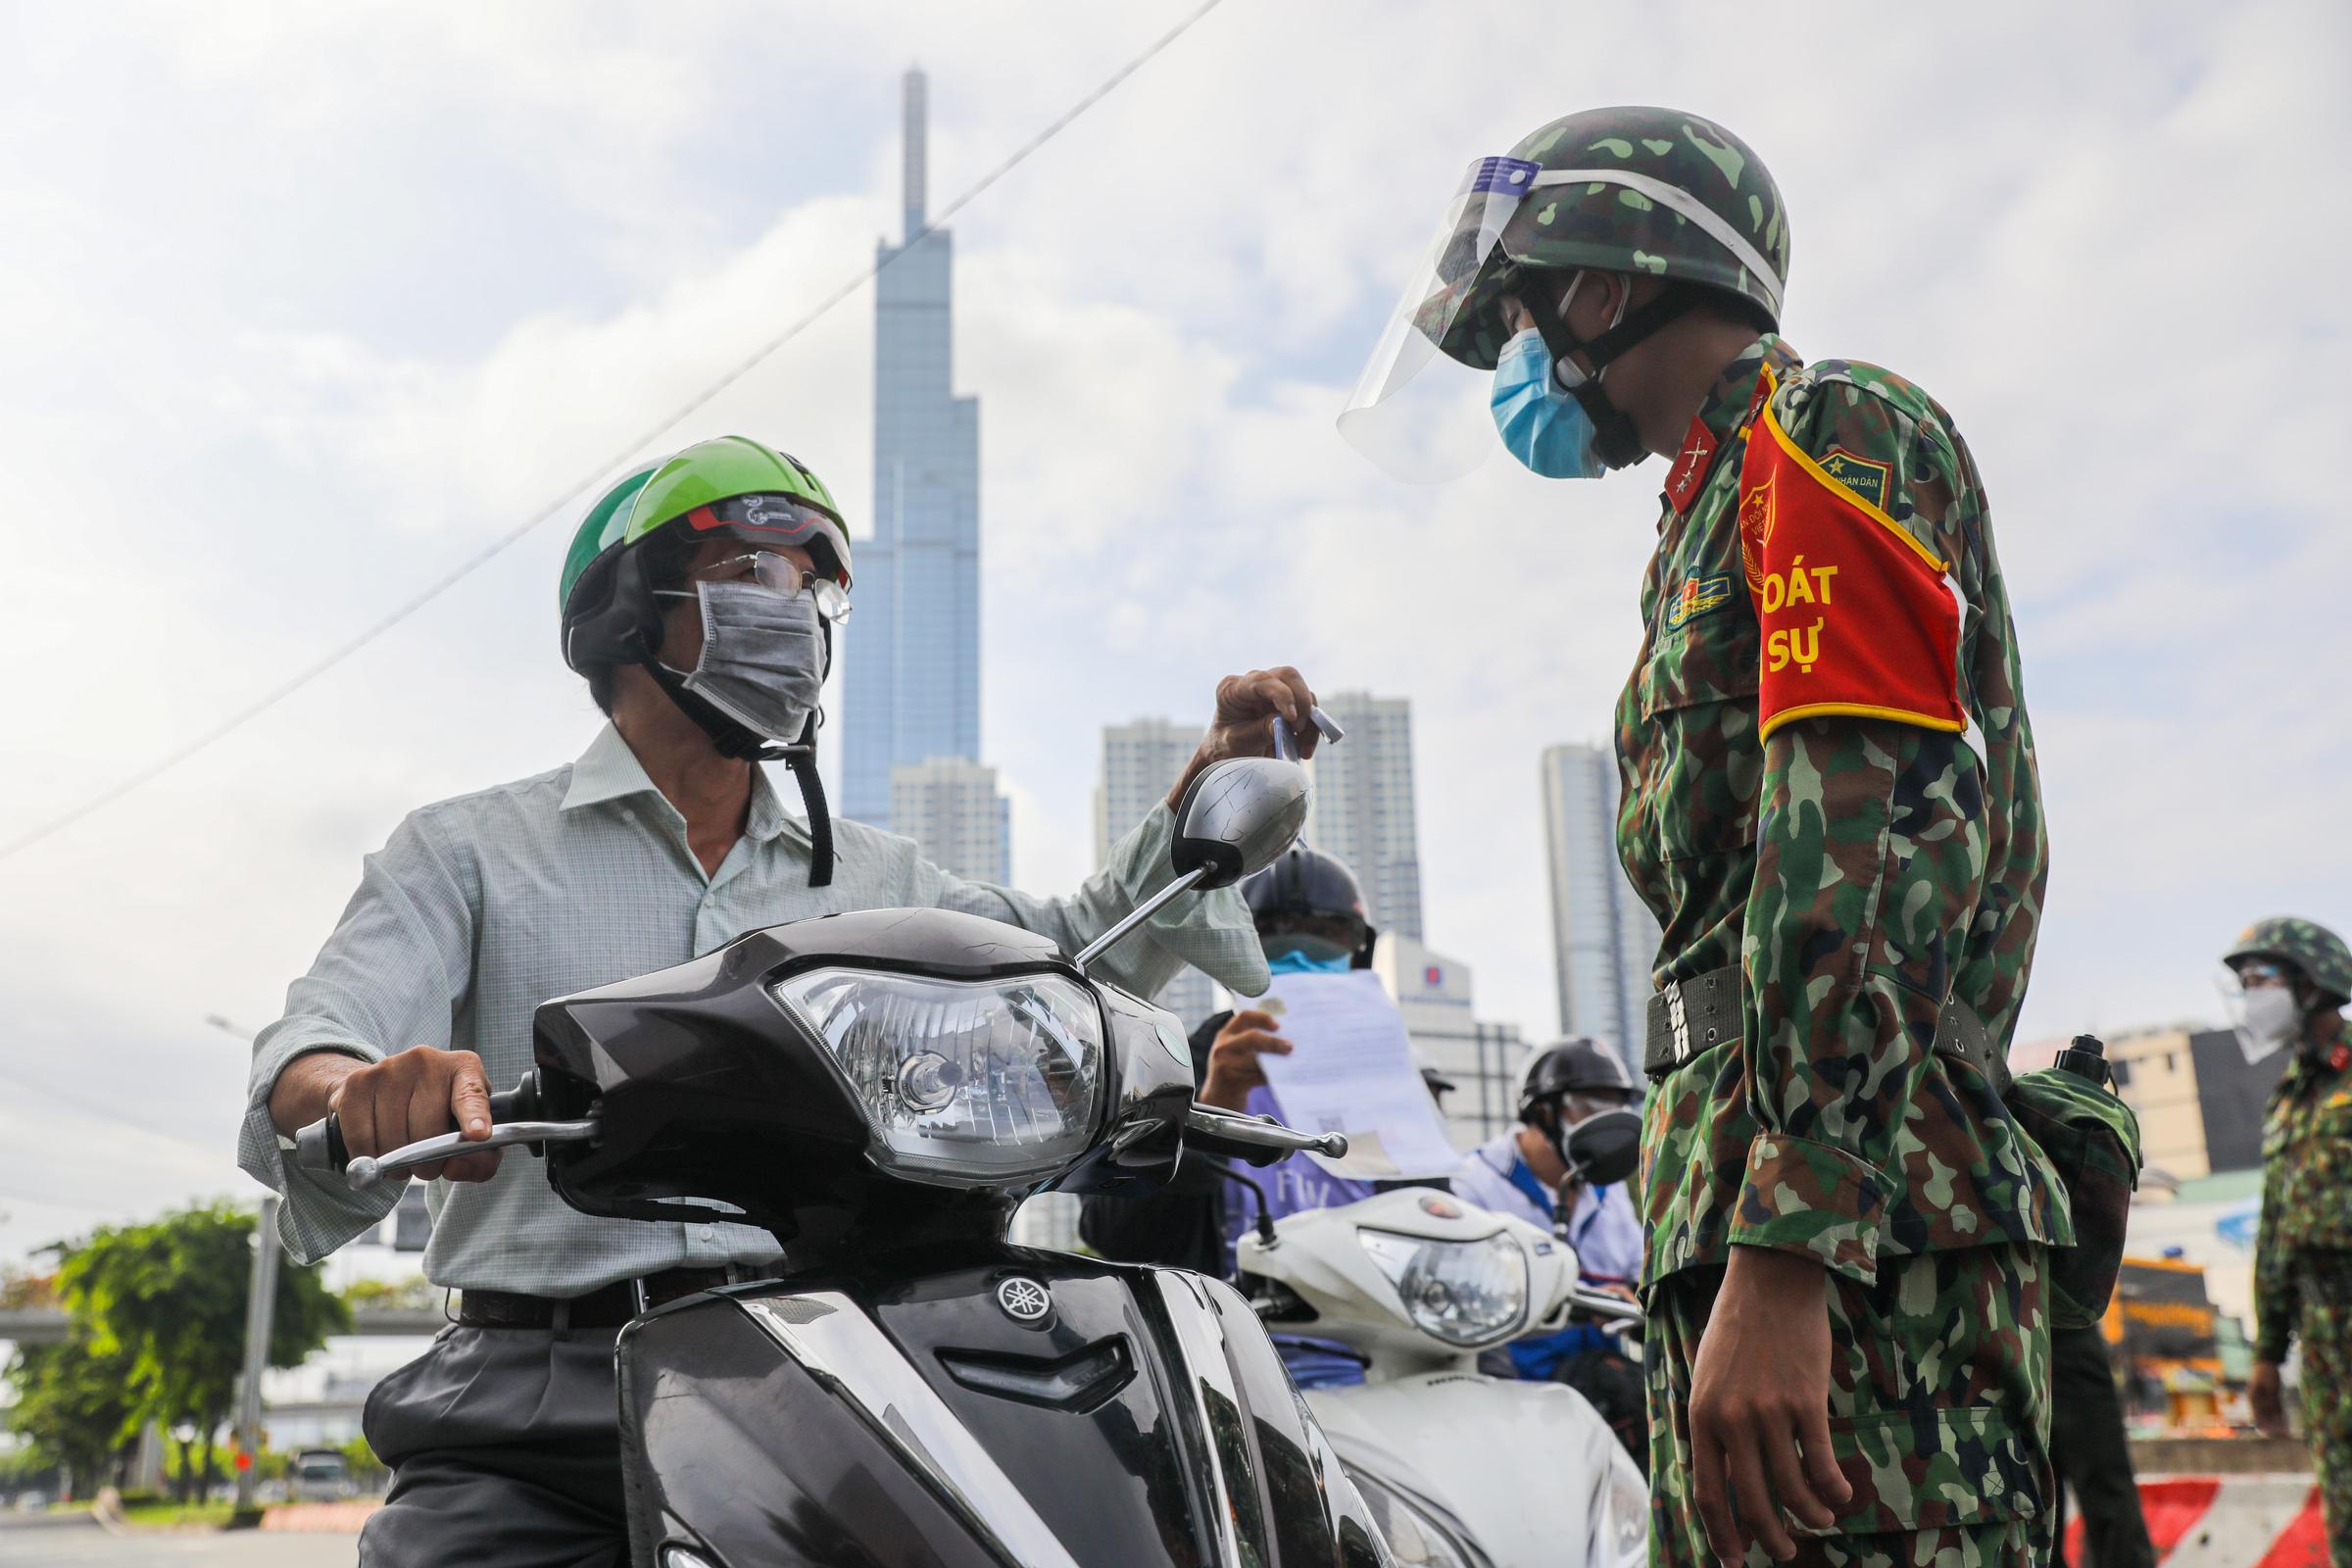 Người dân khai báo di biến động cư dân tại chốt kiểm soát Covid-19 ở quận Bình Thạnh, ngày 30/8. Ảnh: Quỳnh Trần